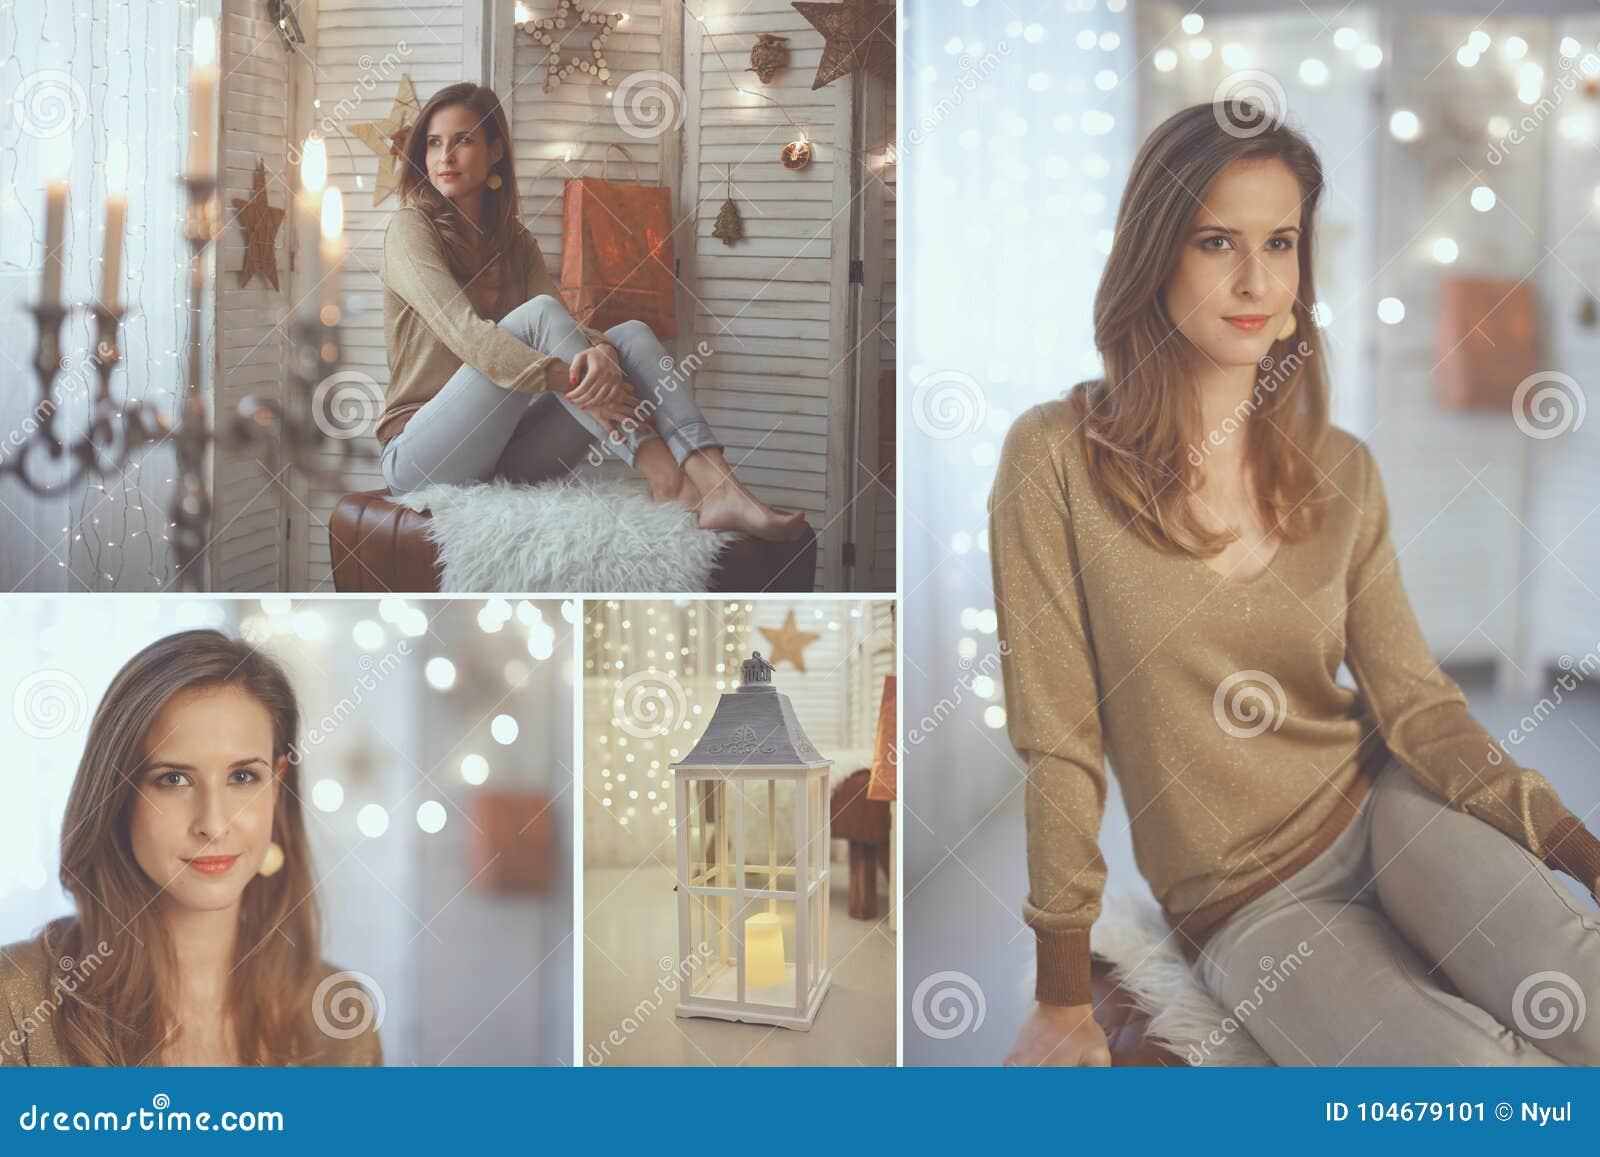 Elegante junge Frau mit Weihnachtslichtern